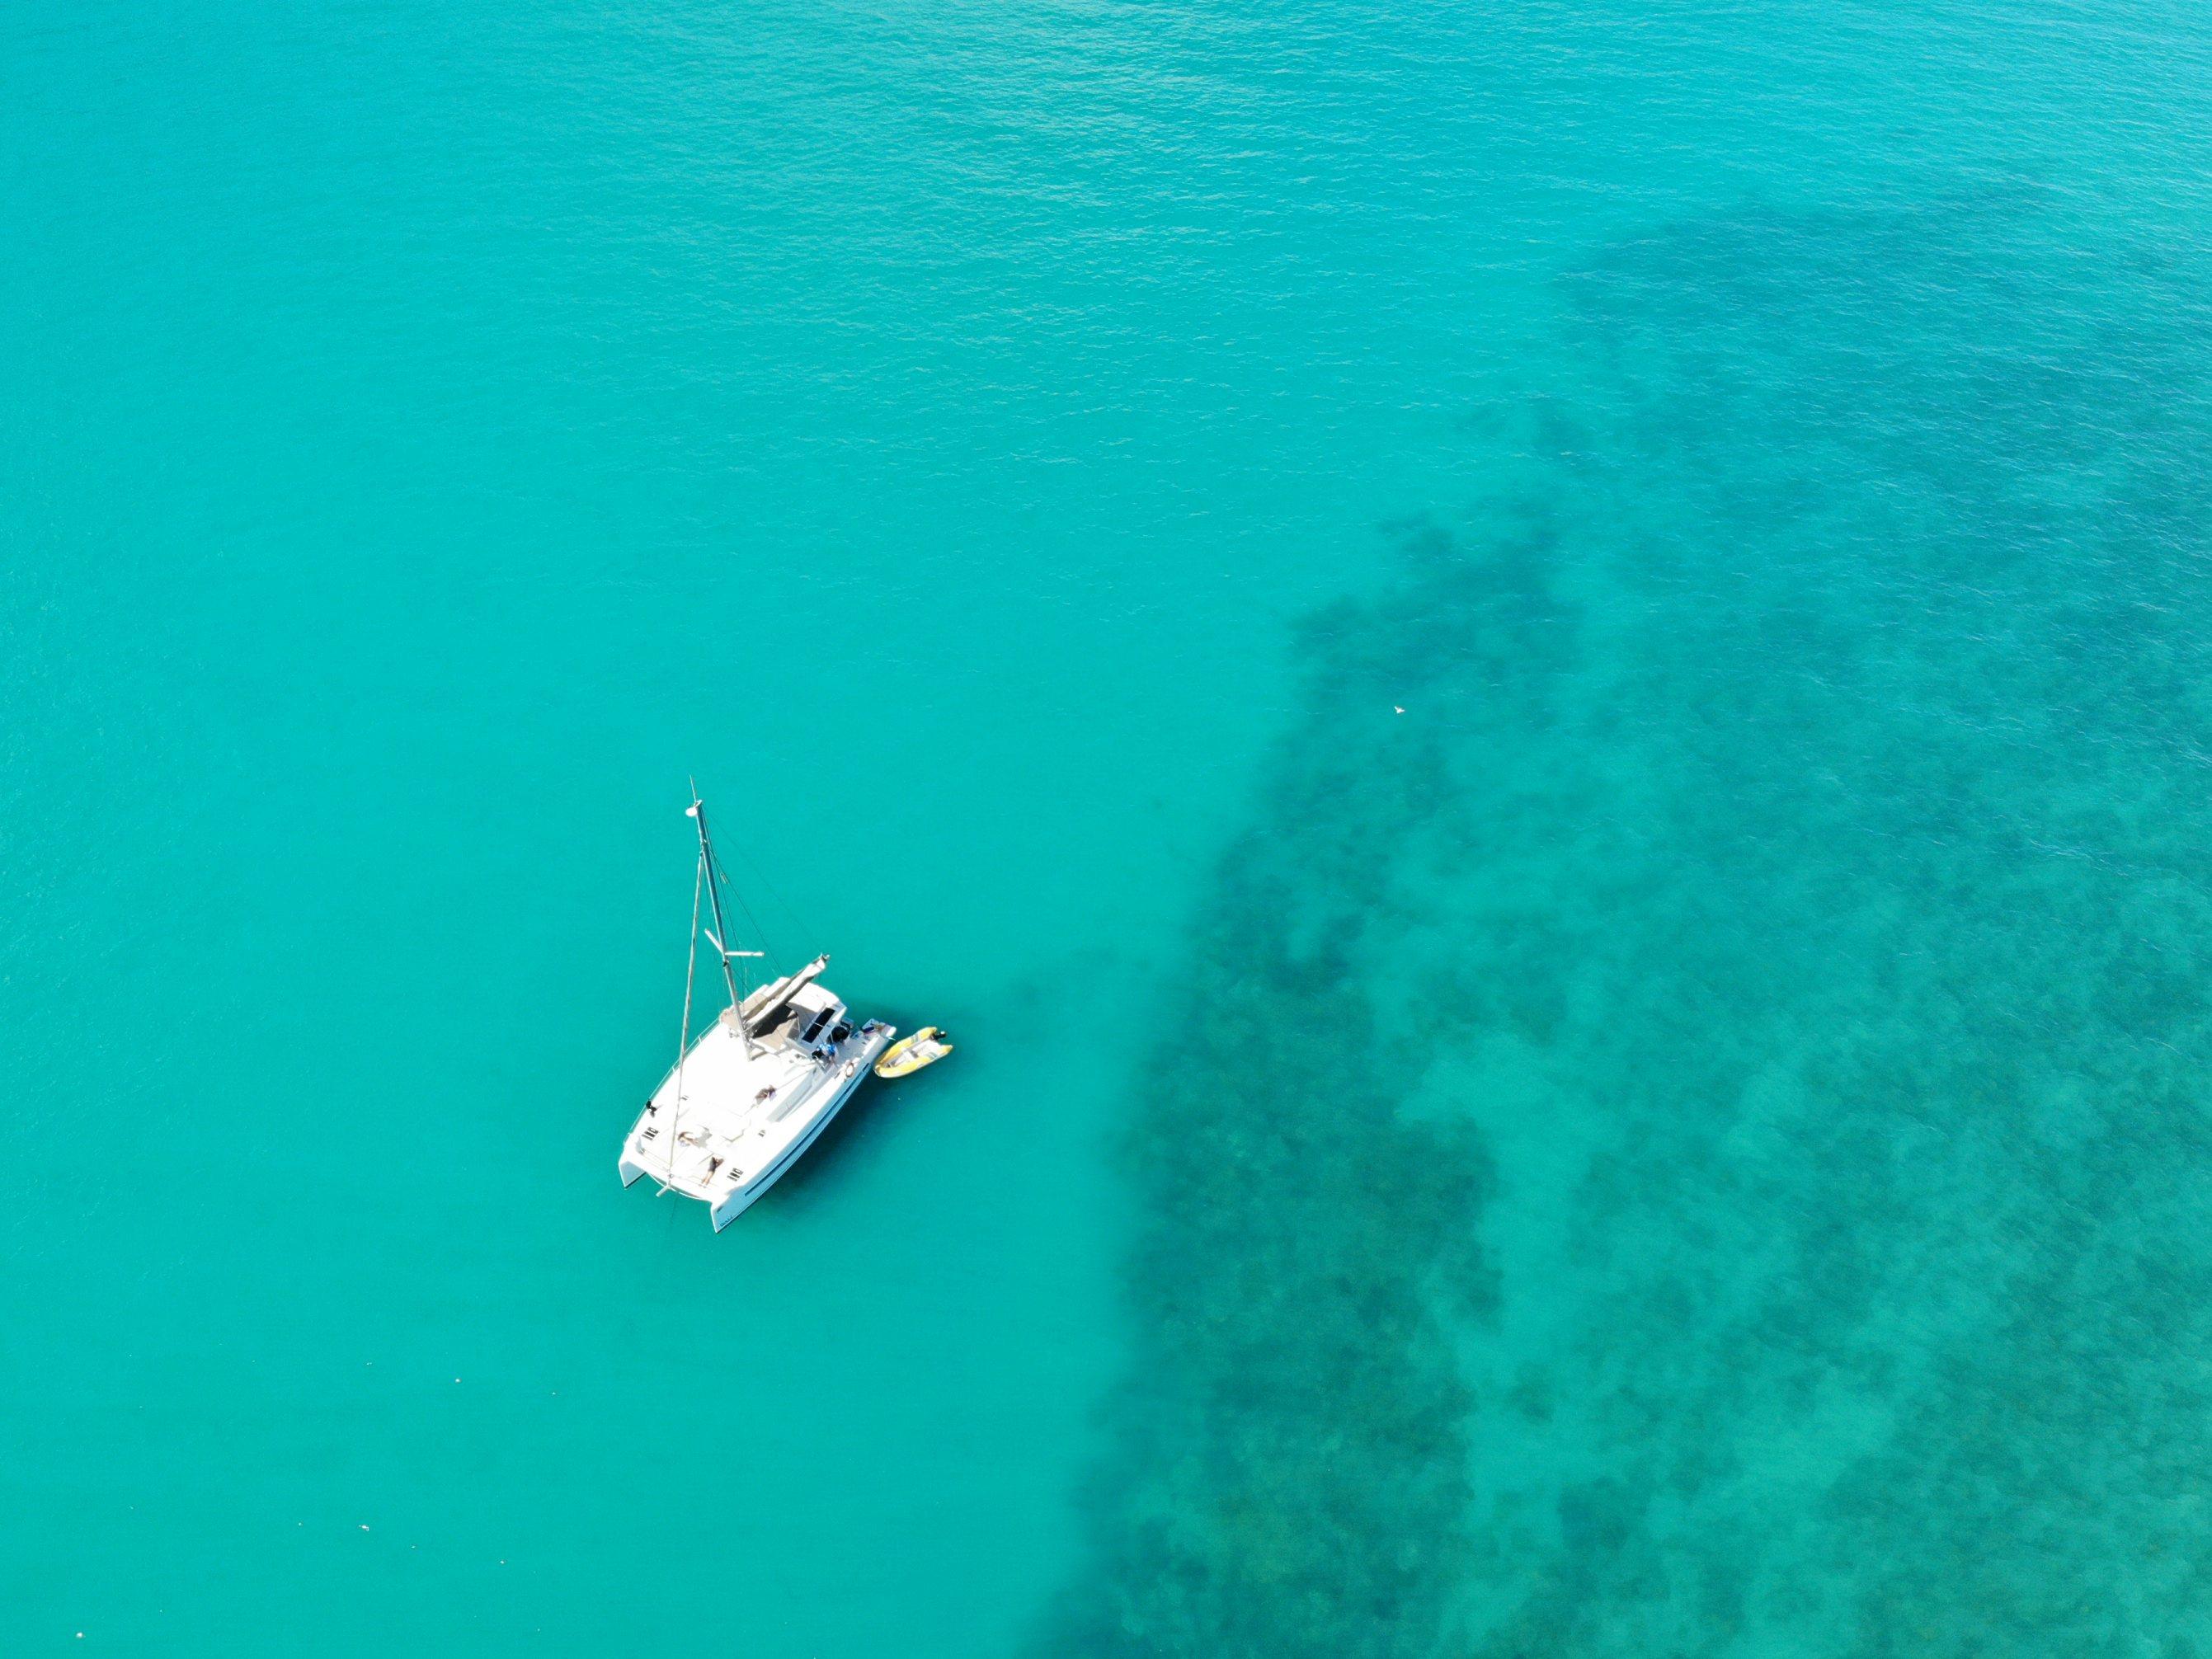 Vacances en bateau: Le Guide!